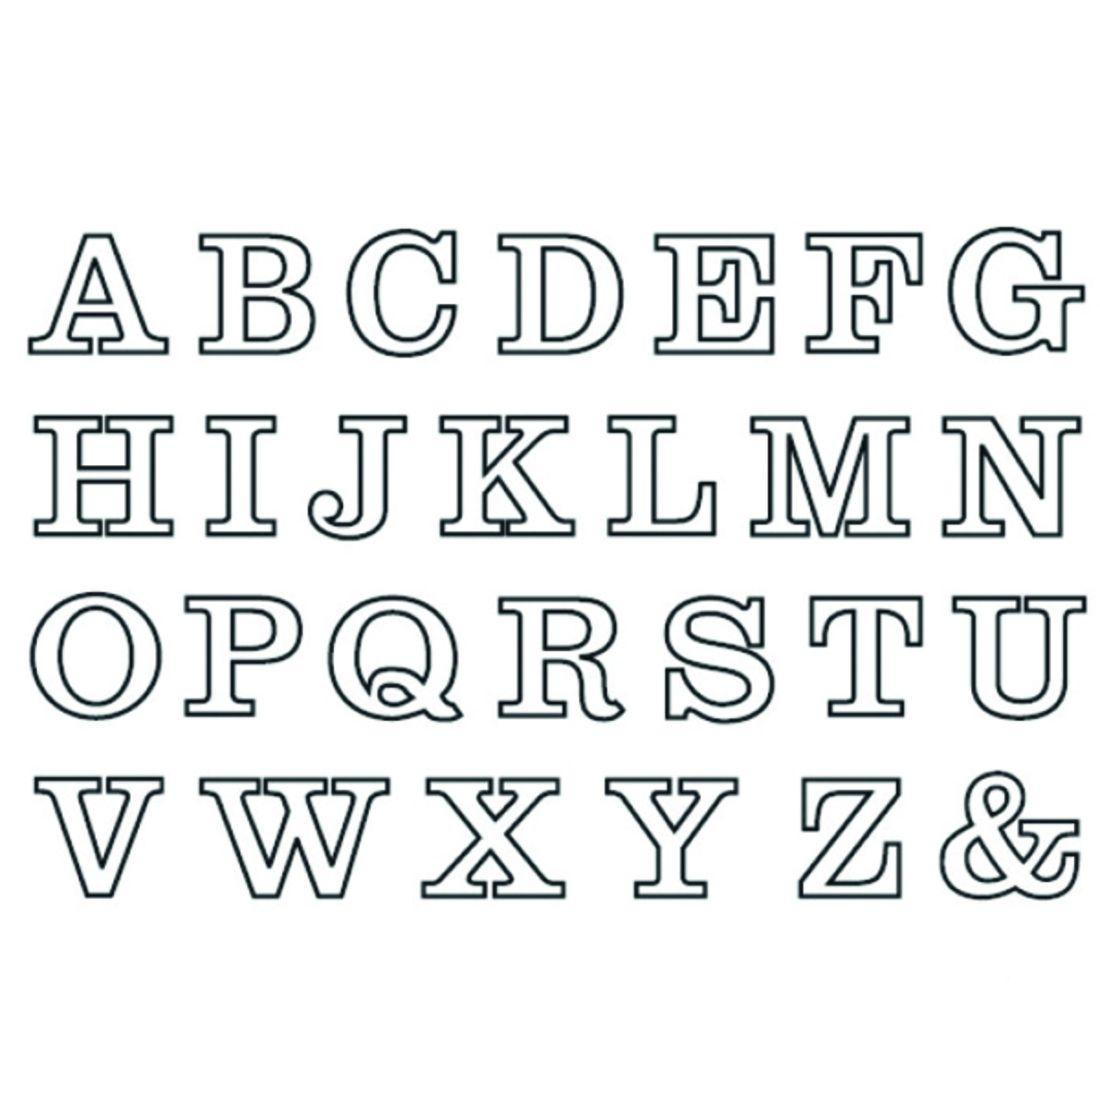 Pin Von Simba Trix Auf Schriften (Mit Bildern) | Buchstaben ganzes Buchstaben Schablonen Zum Ausdrucken